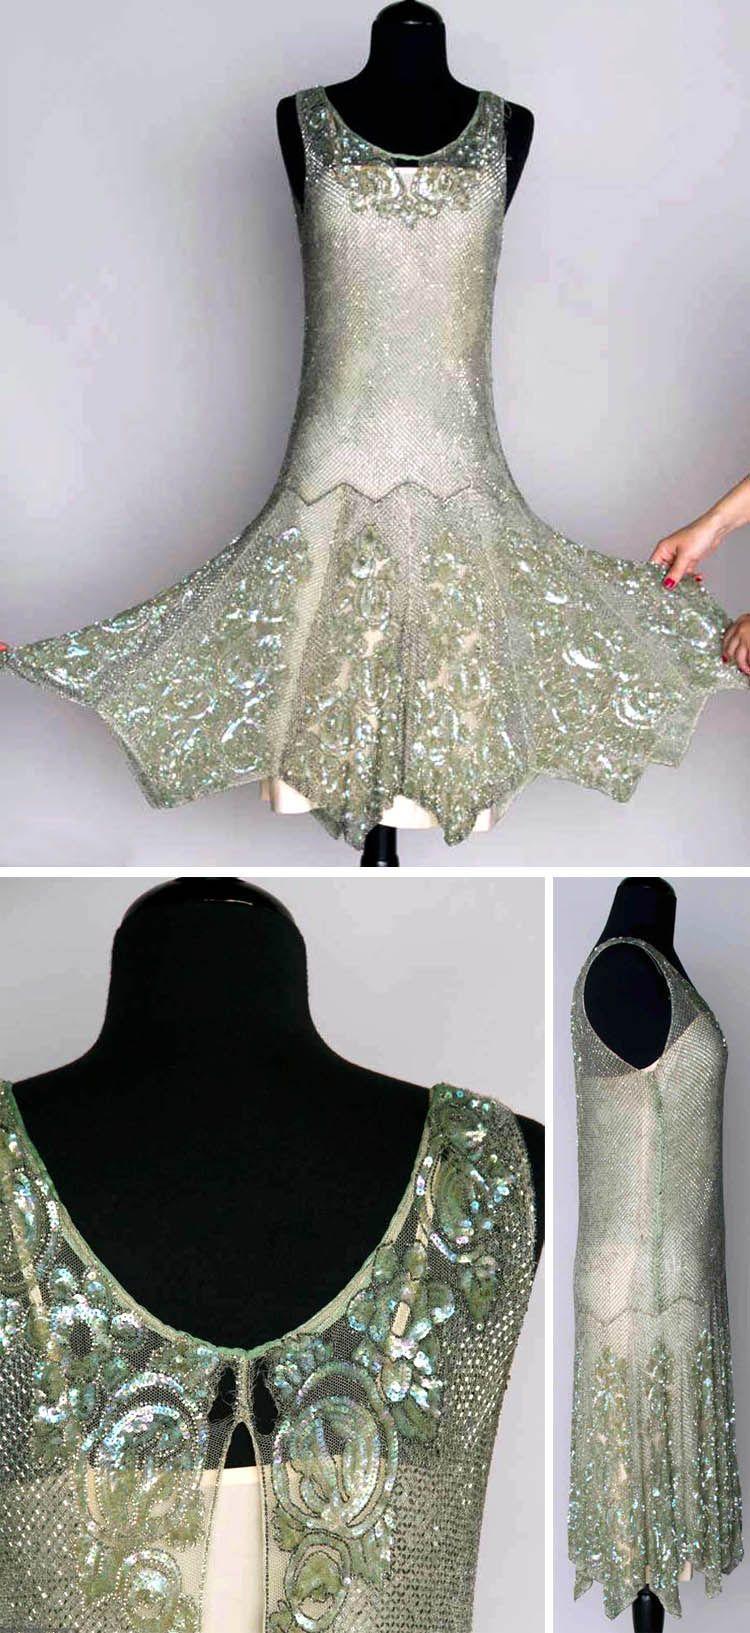 da8e43575dfef7c16352898b7f32bbfc.jpg 750×1,633 pixels   Dresses ...